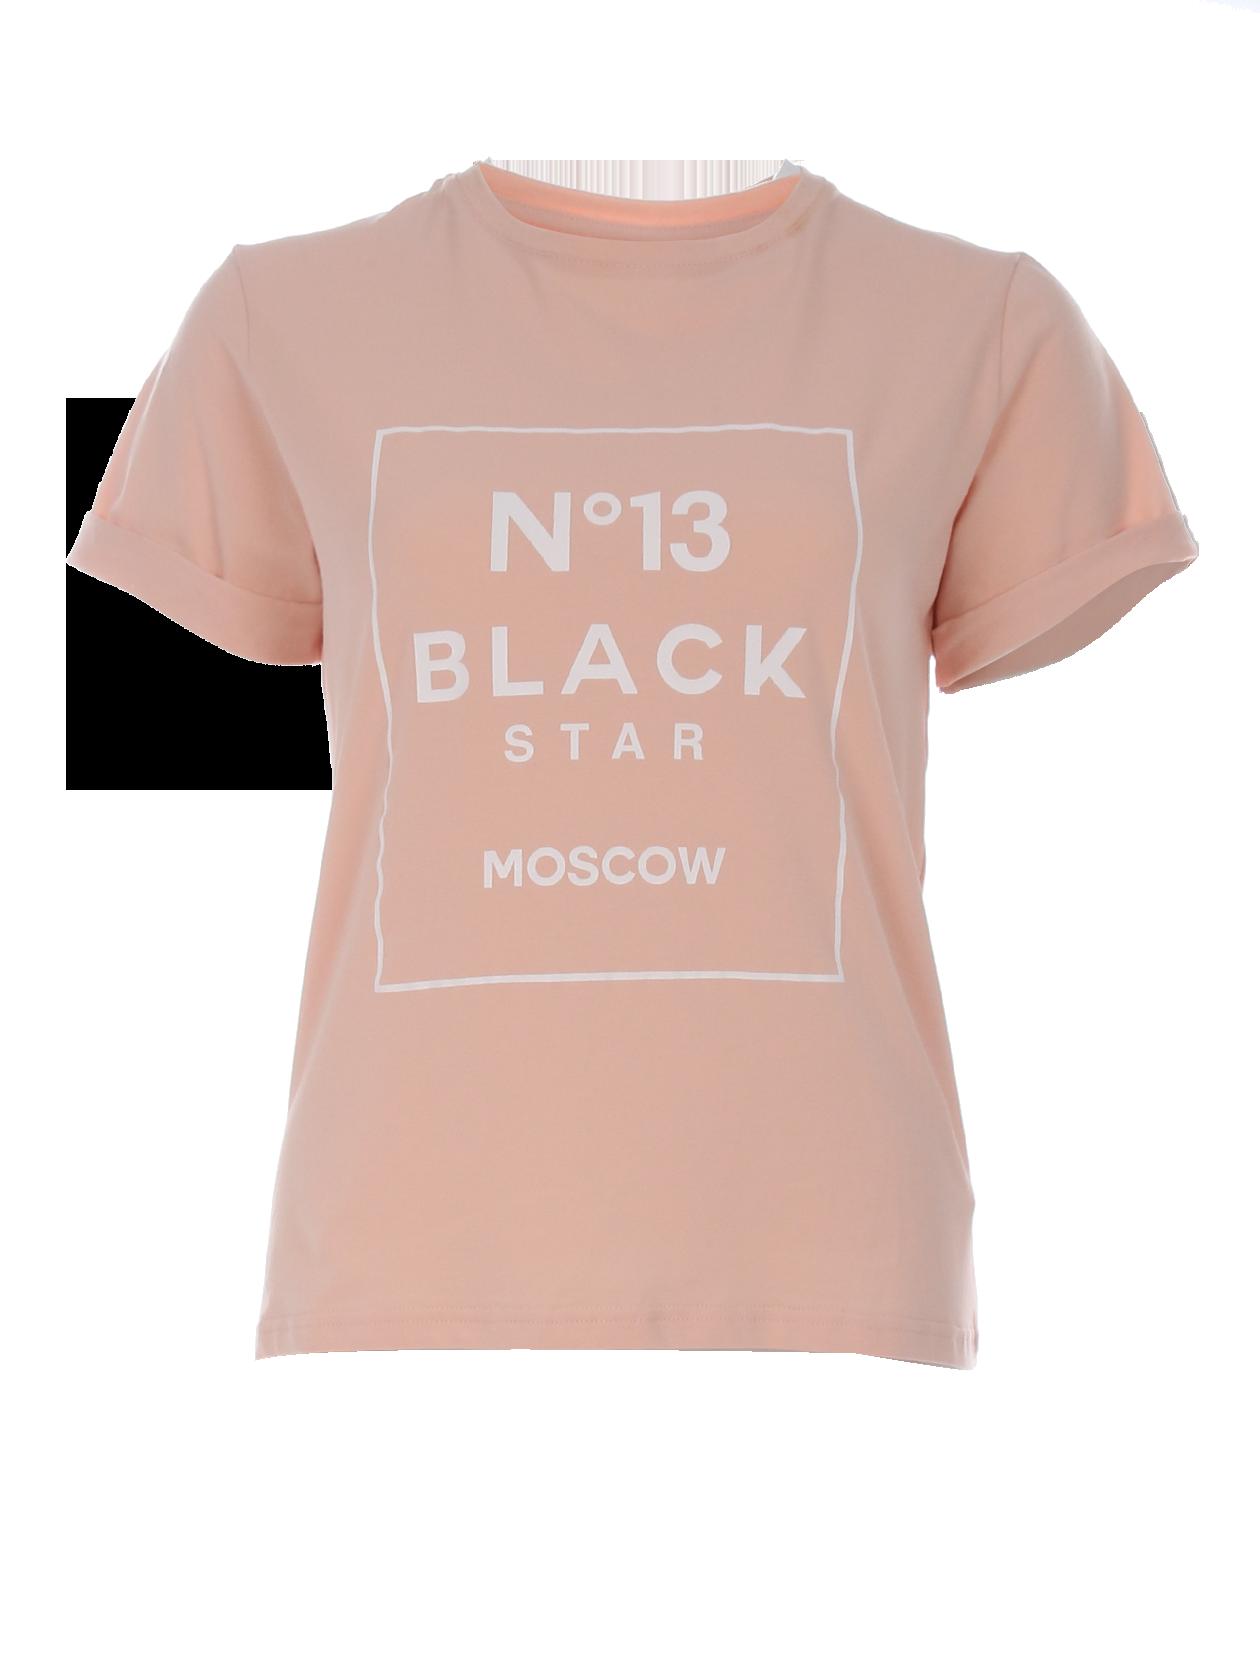 Womens t-shirt №13 BS